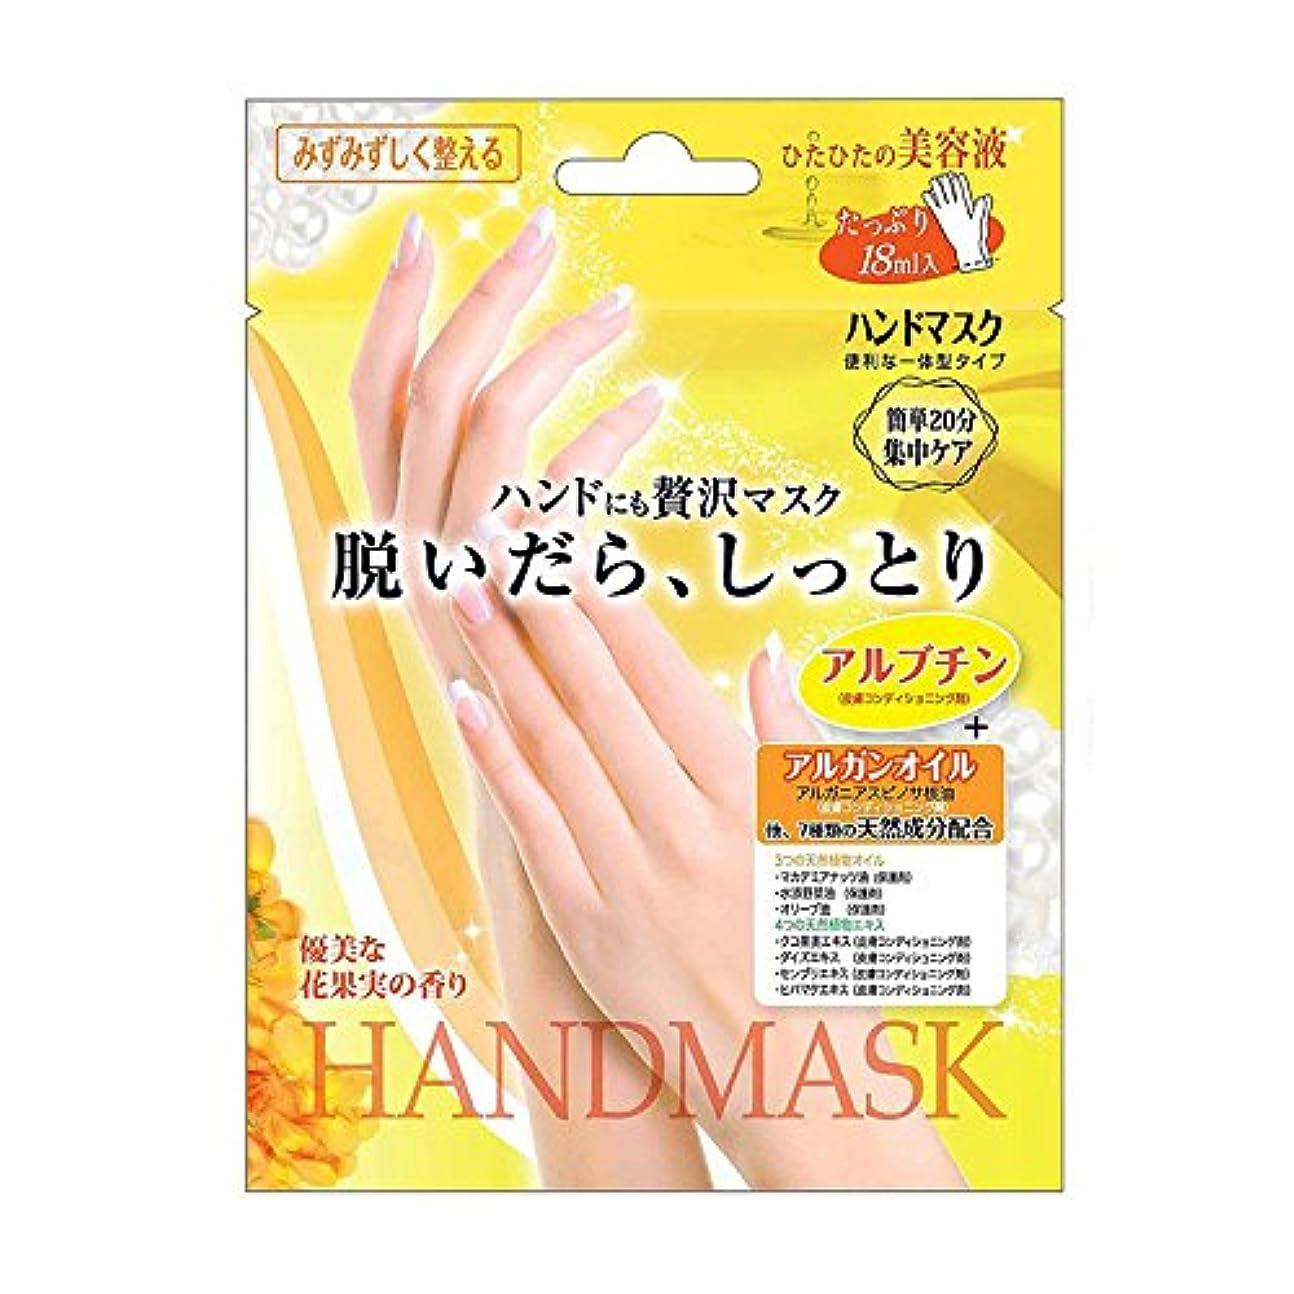 願うマングル青写真ビューティーワールド ハンドにも贅沢マスク 脱いだら、しっとりハンドマスク 6個セット